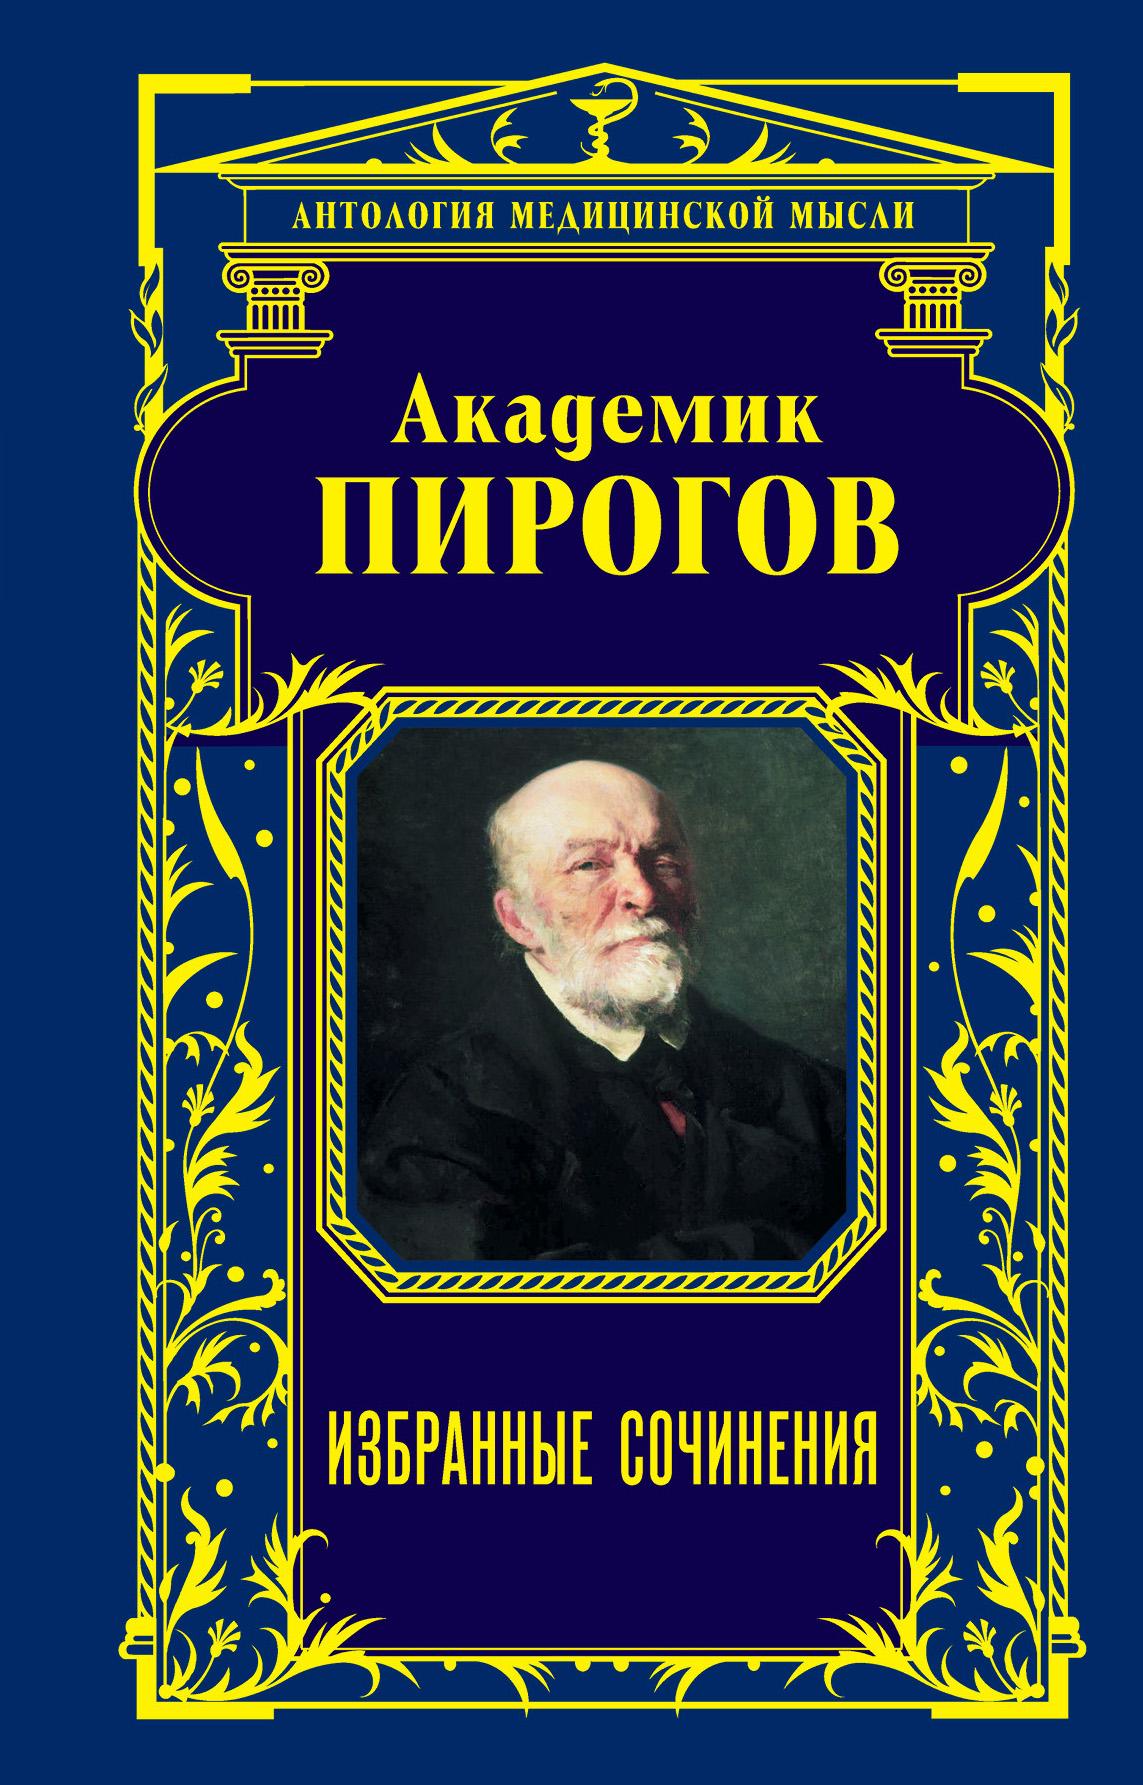 Н. И. Пирогов. Академик Пирогов. Избранные сочинения